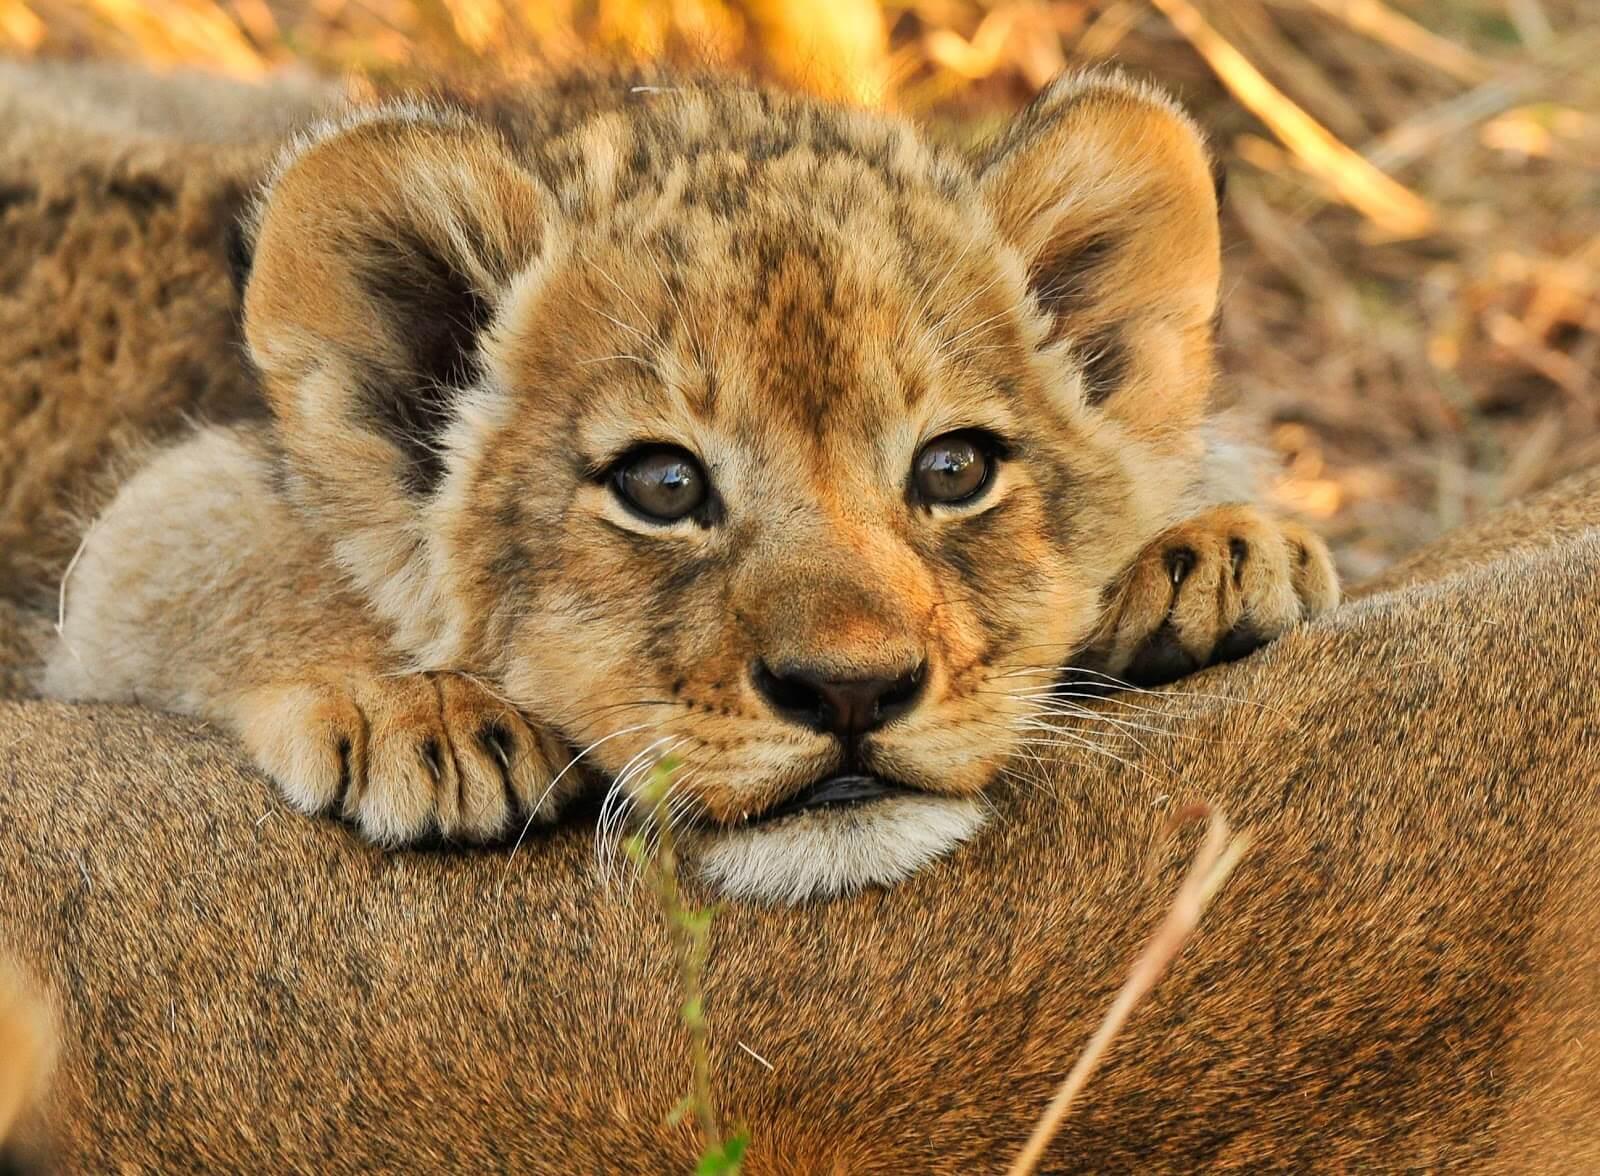 фото львенка в хорошем качестве как учителям